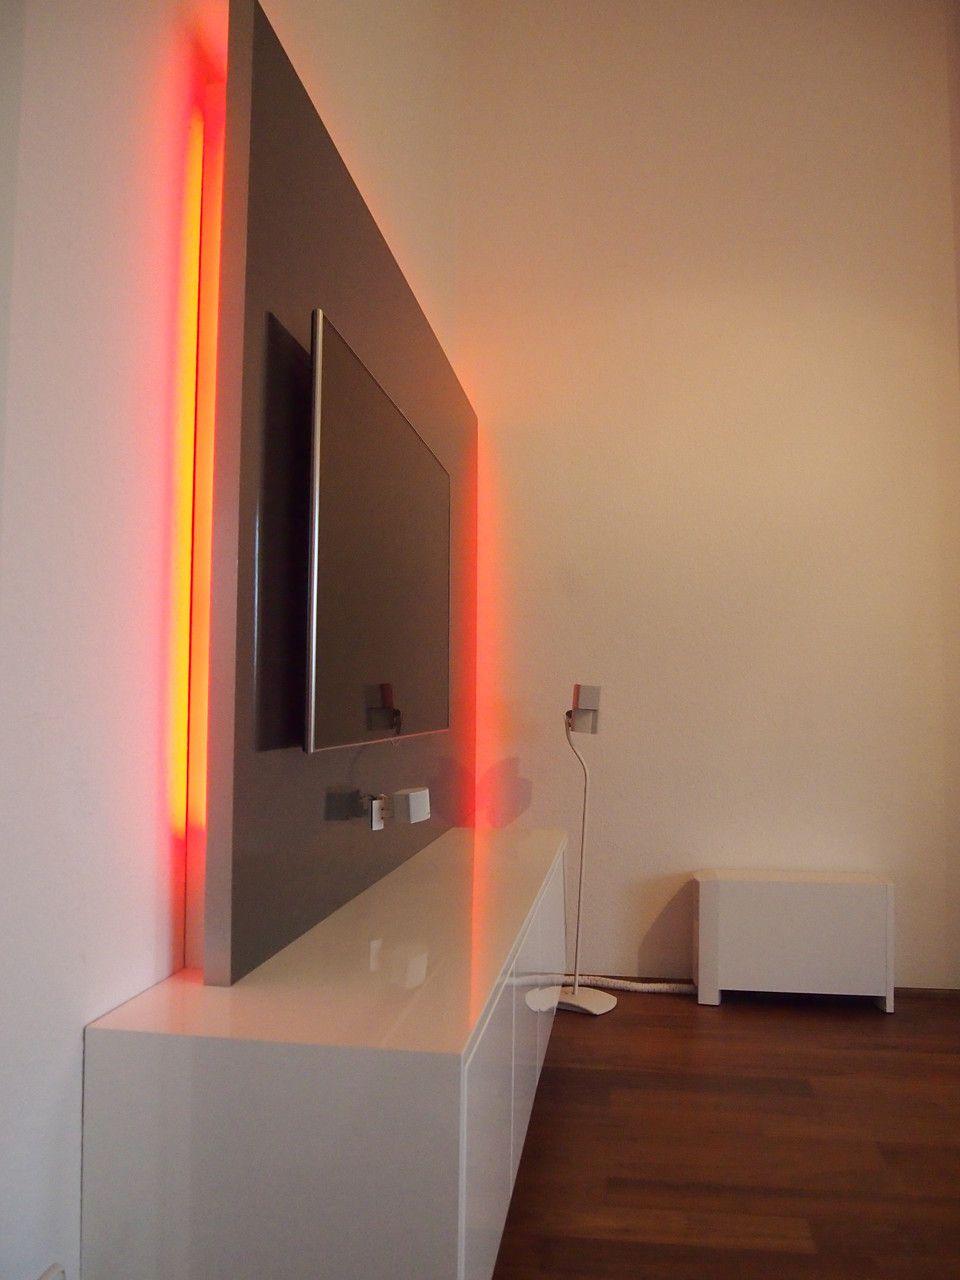 Referenzen Tv Wall Tv Wand Fernsehwand Aus Schreinerhand Wohnzimmer Tv Wand Ideen Tv Wand Ideen Wohnzimmer Tv Wand Wohnzimmer